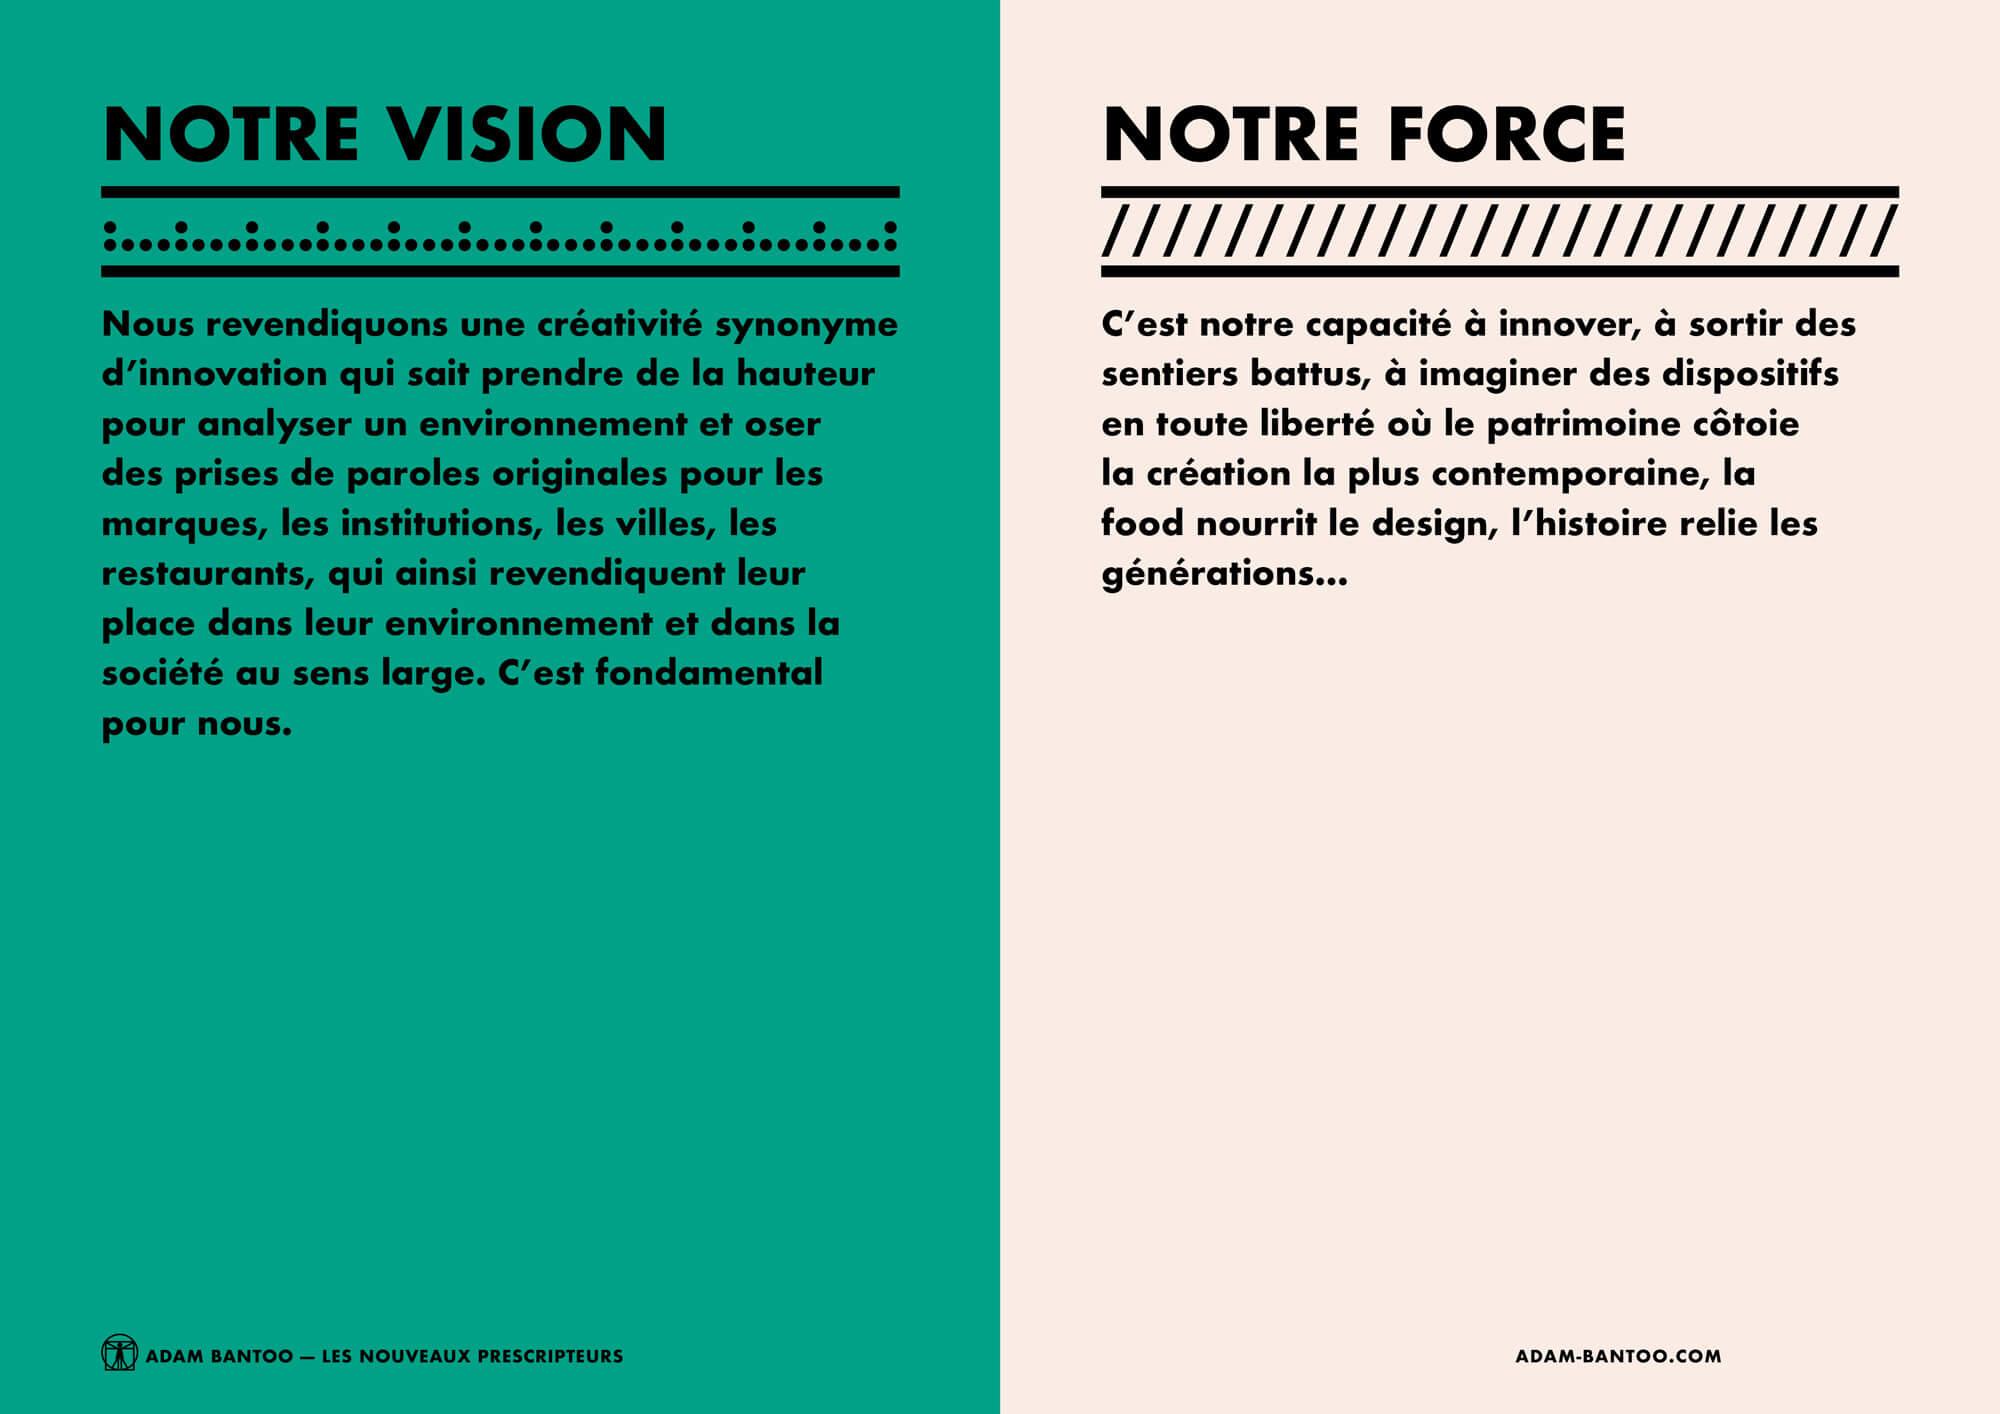 Page de presentation de la vision et de la force de l'agence Adam Bantoo, direction artistique Ich&Kar